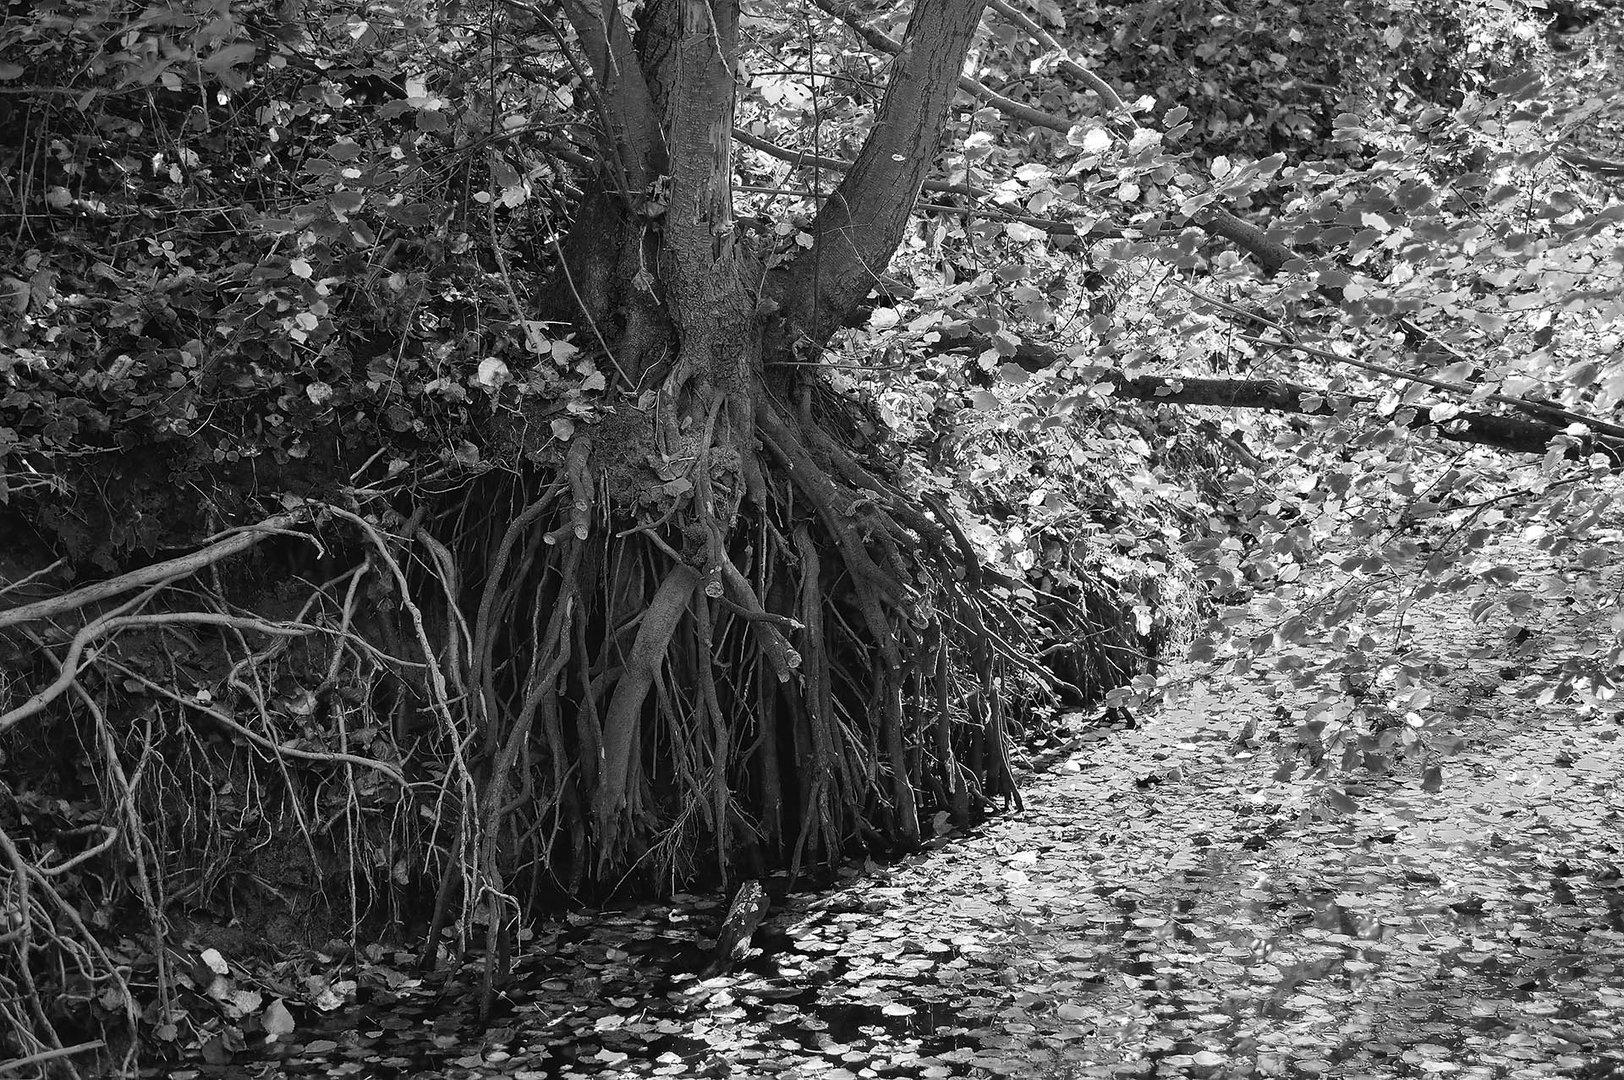 Freiliegende Baumwurzeln an einem Entwässerungsgraben im Wald